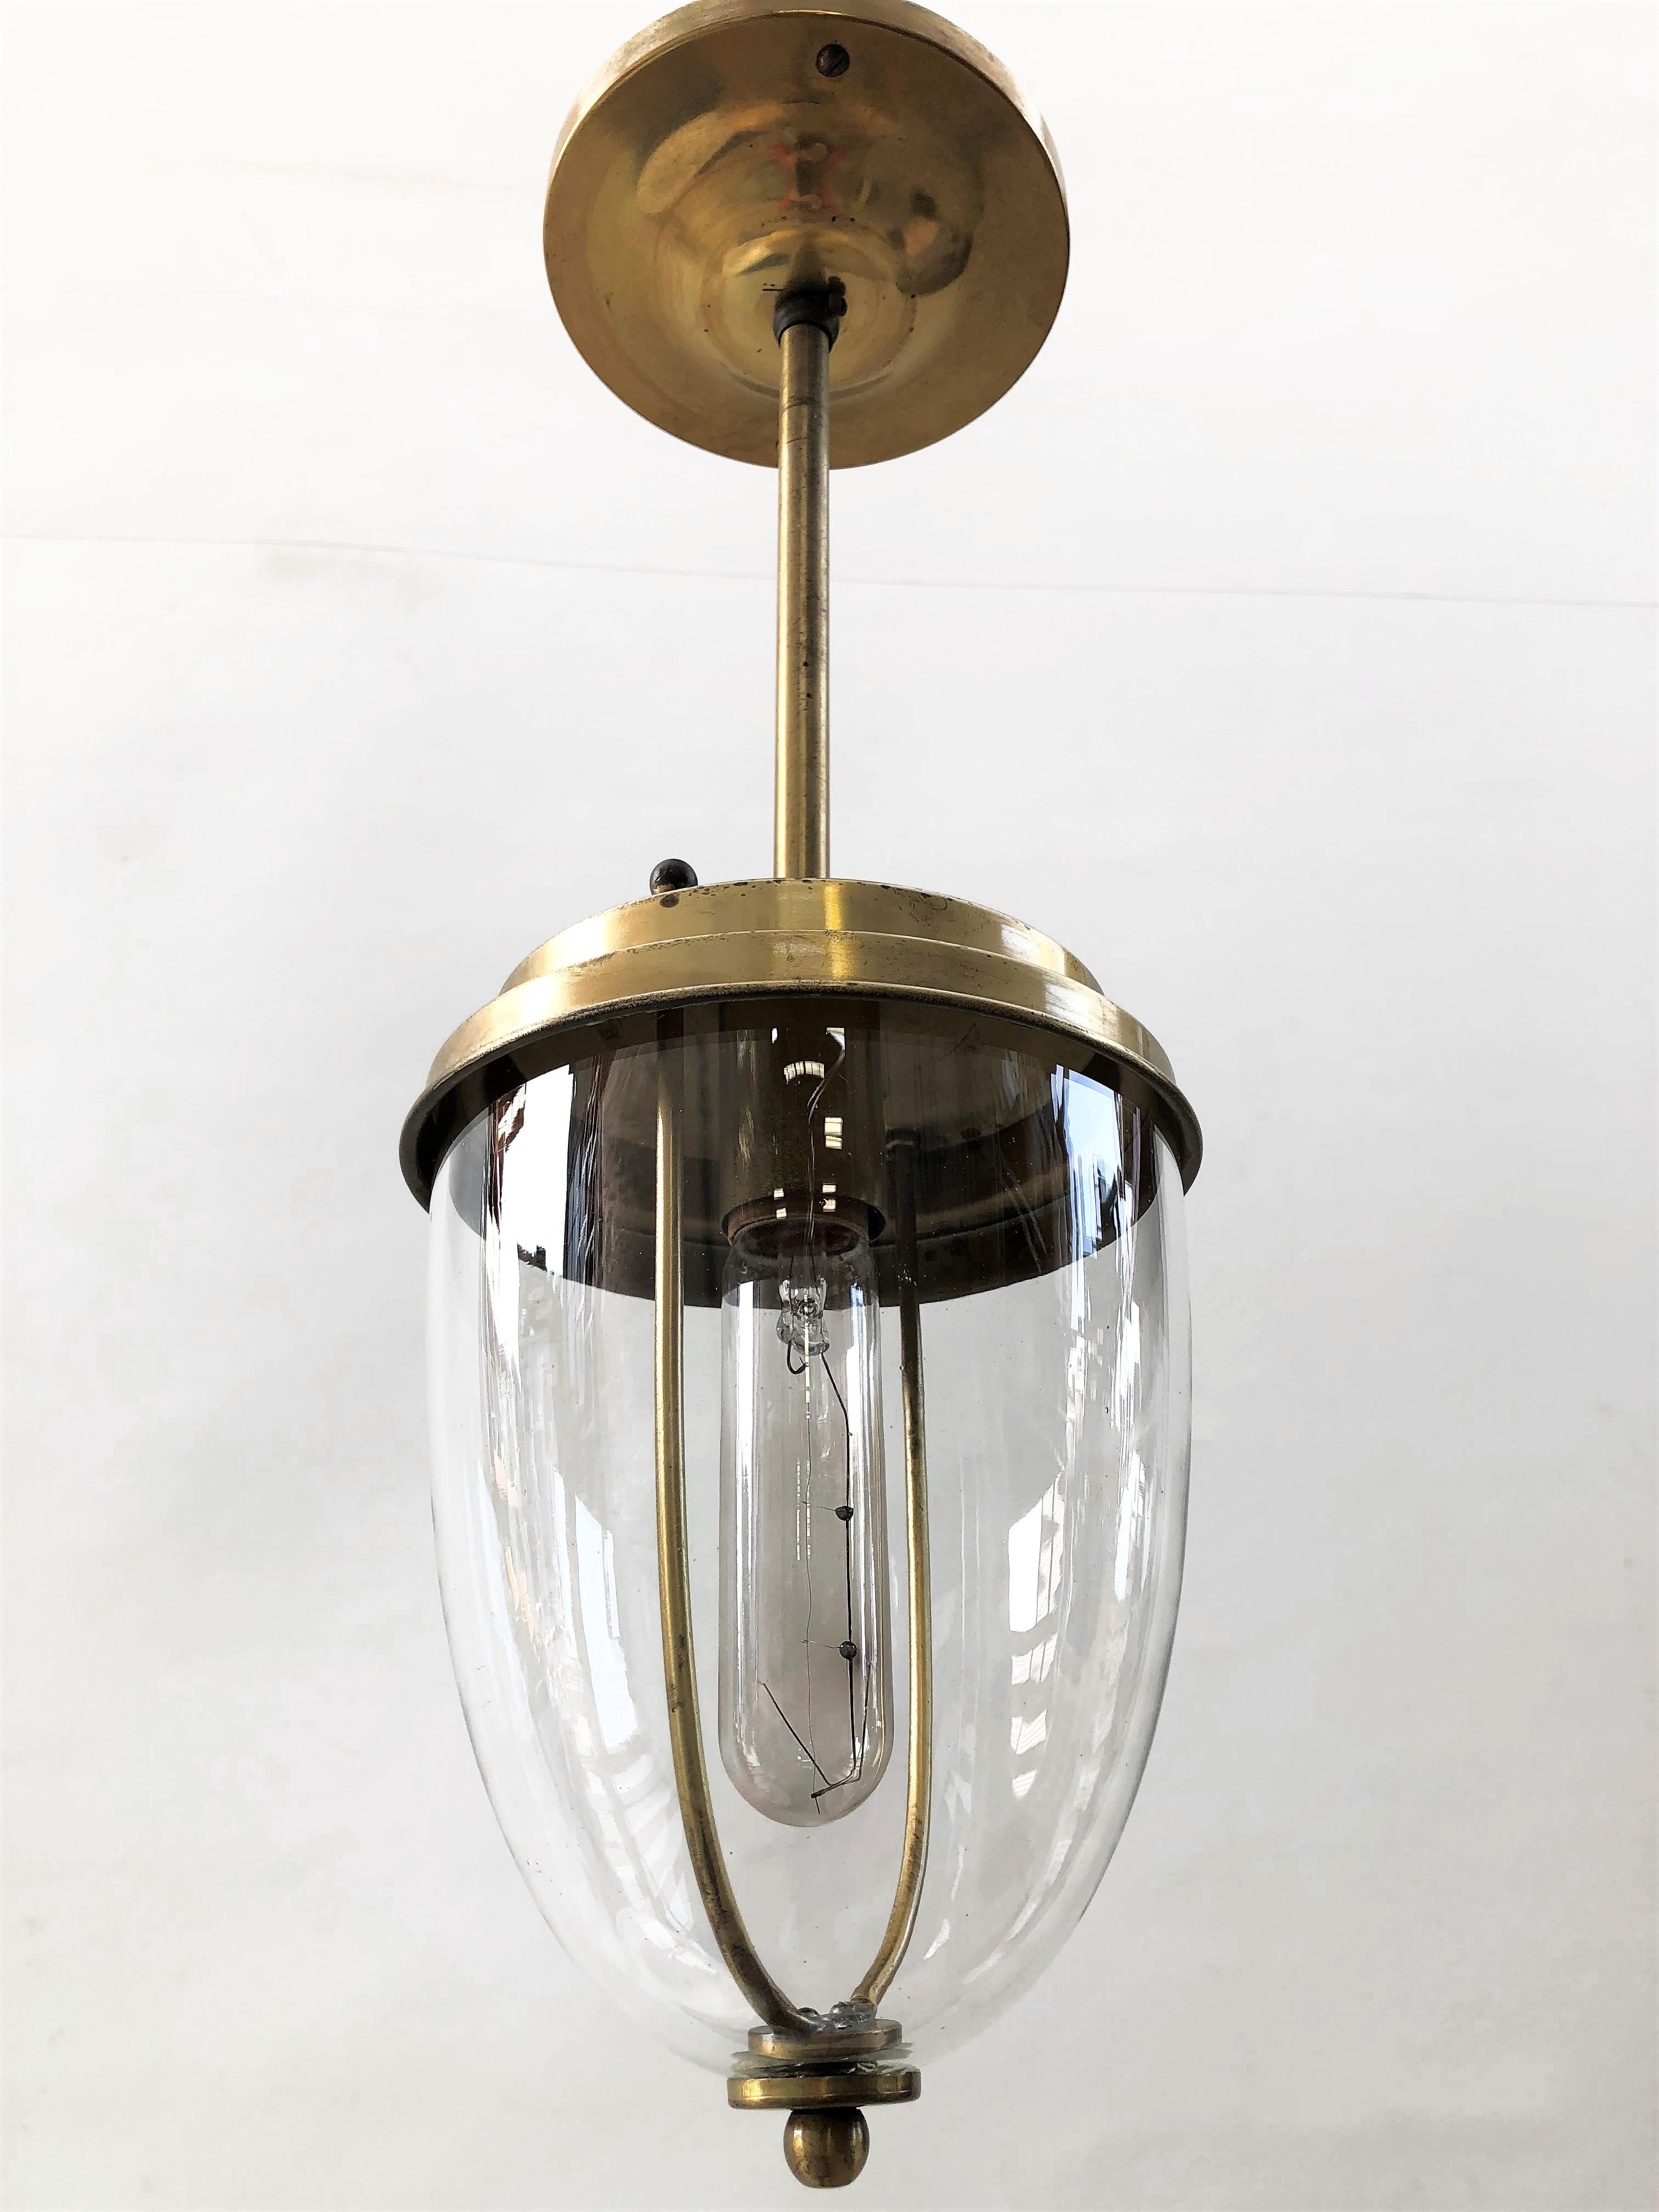 Brass Glass Dome Drop Pendant Light Fixture [26 51 13.50 ...